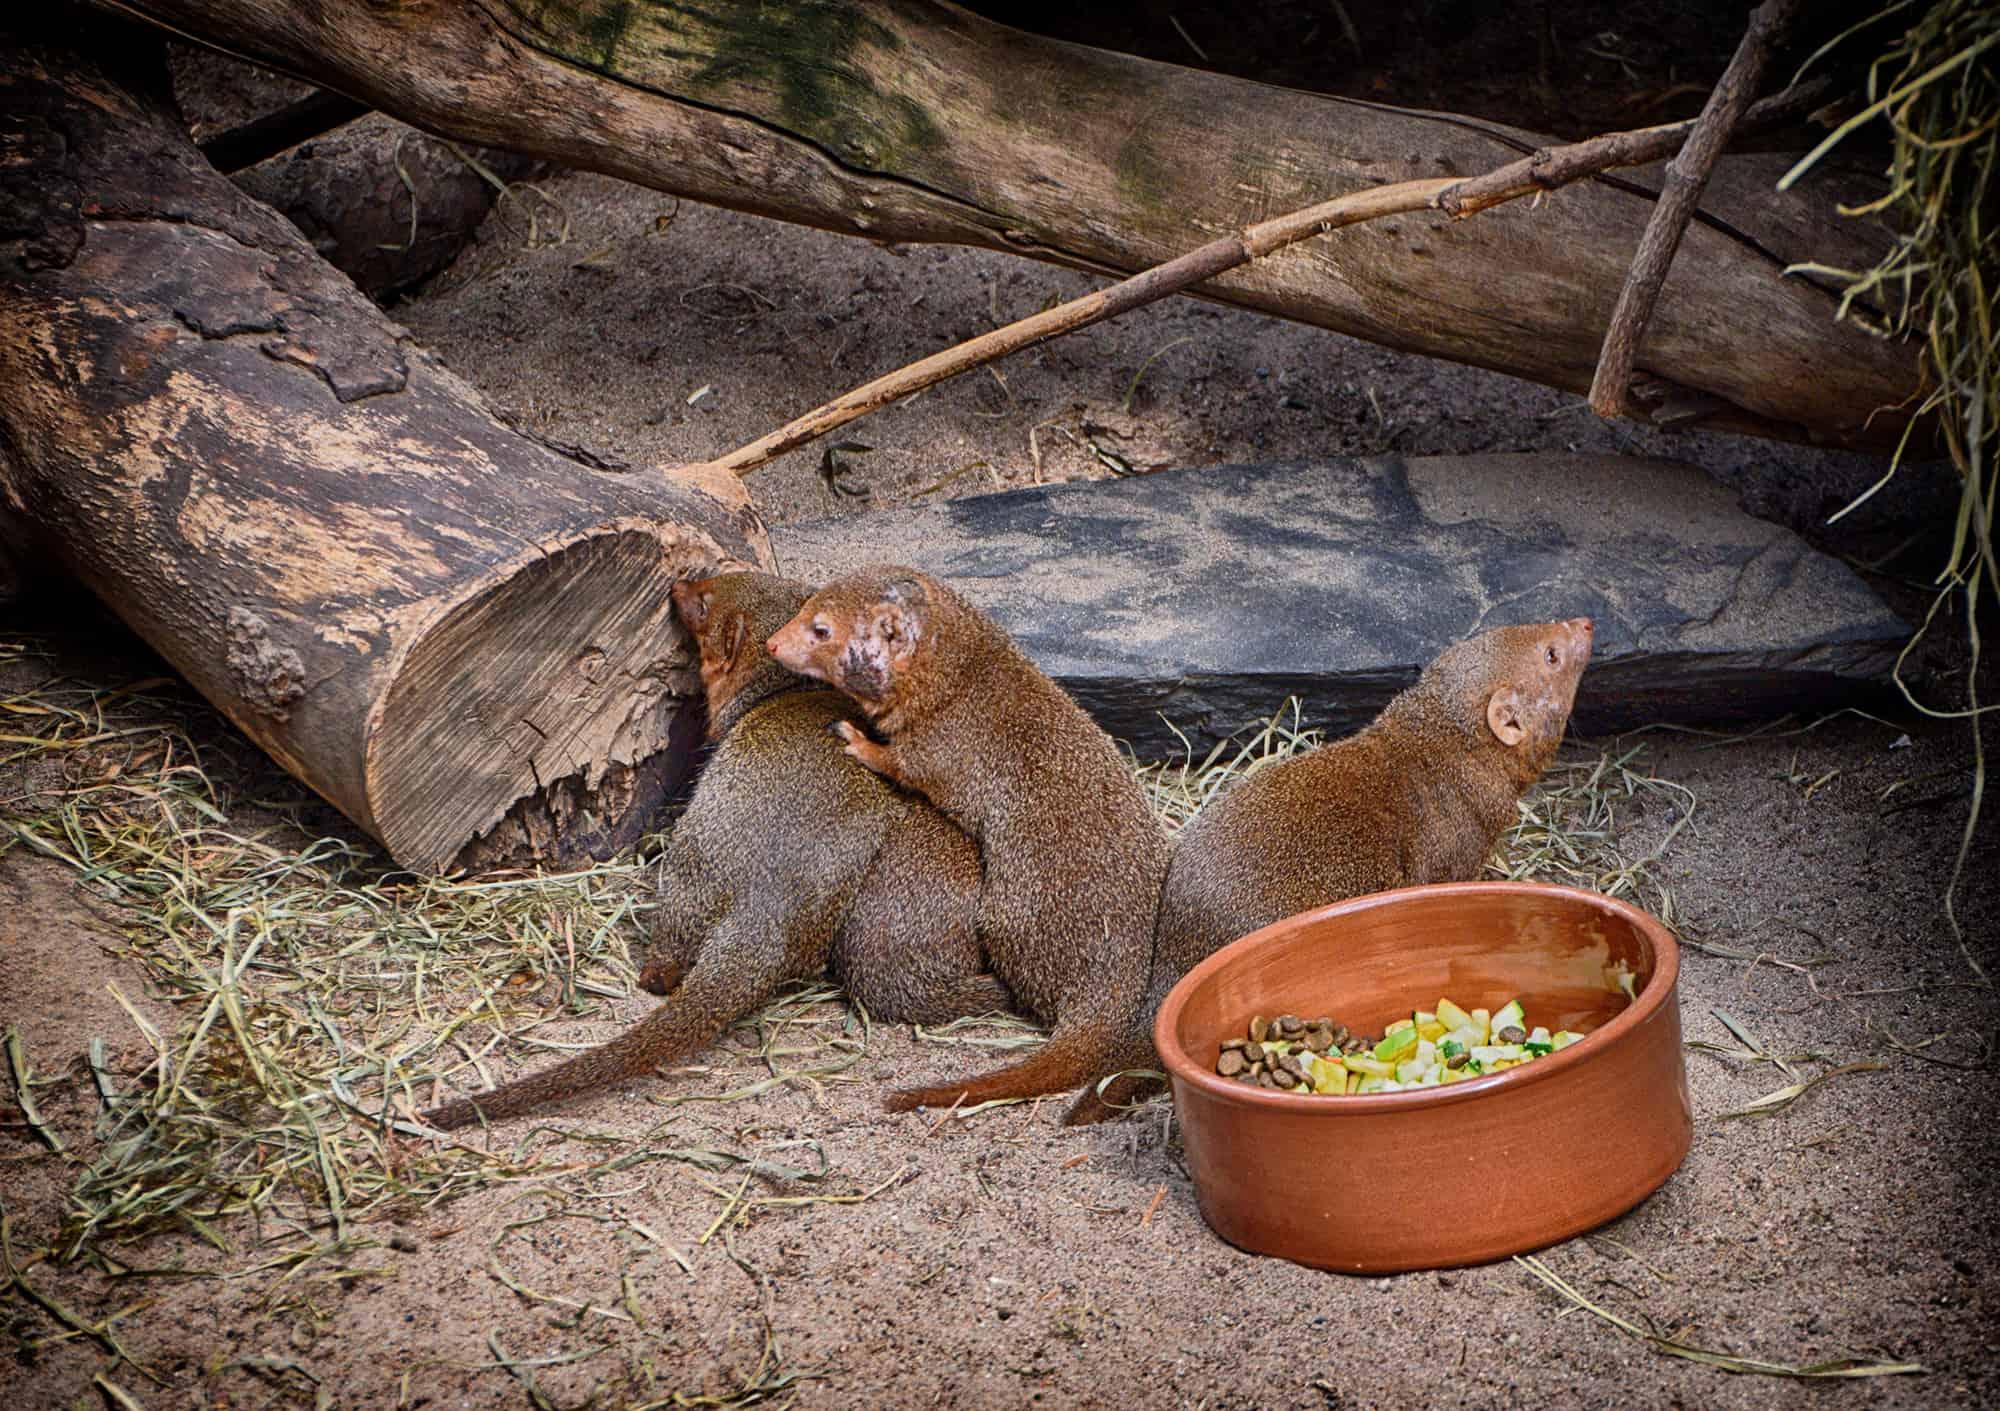 Ζωολογικός κήπος στο Ελσίνκι